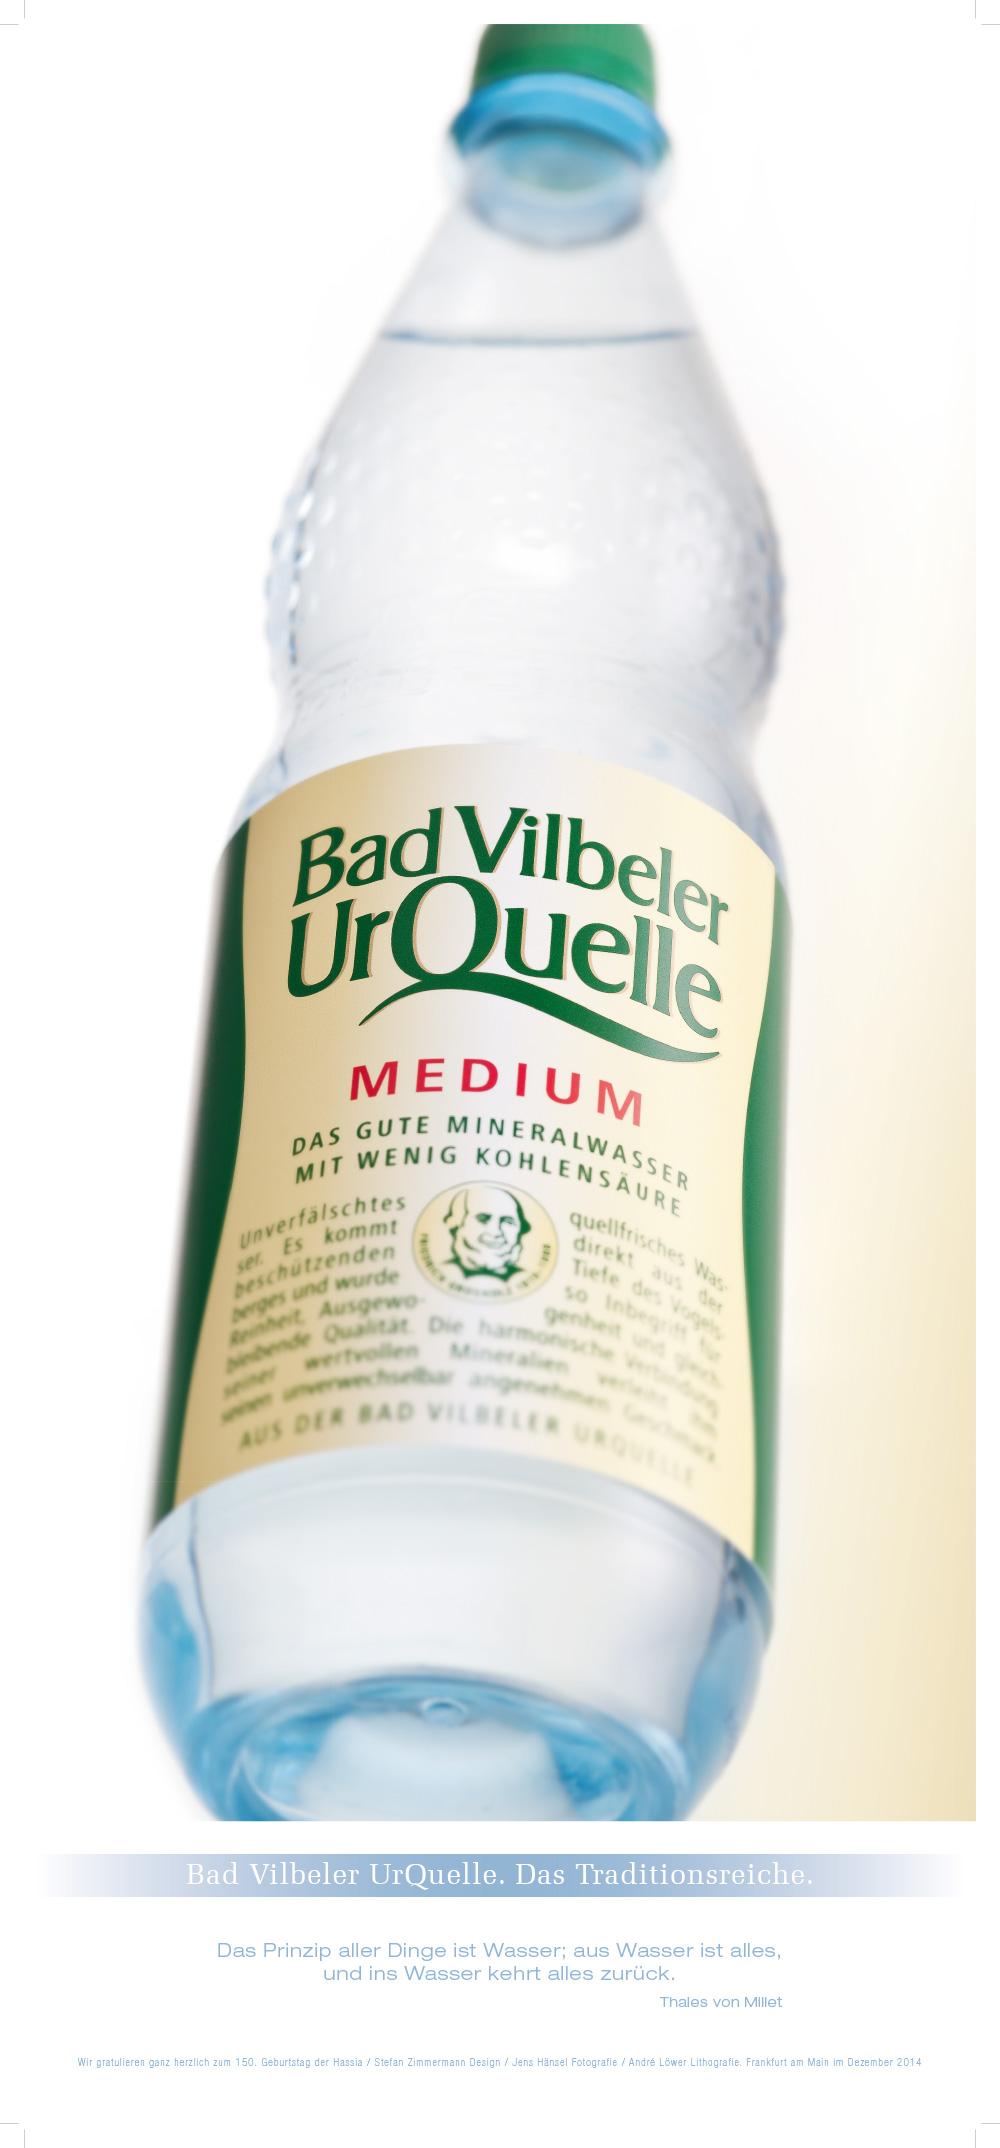 Bad-Vilbeller-Urquell